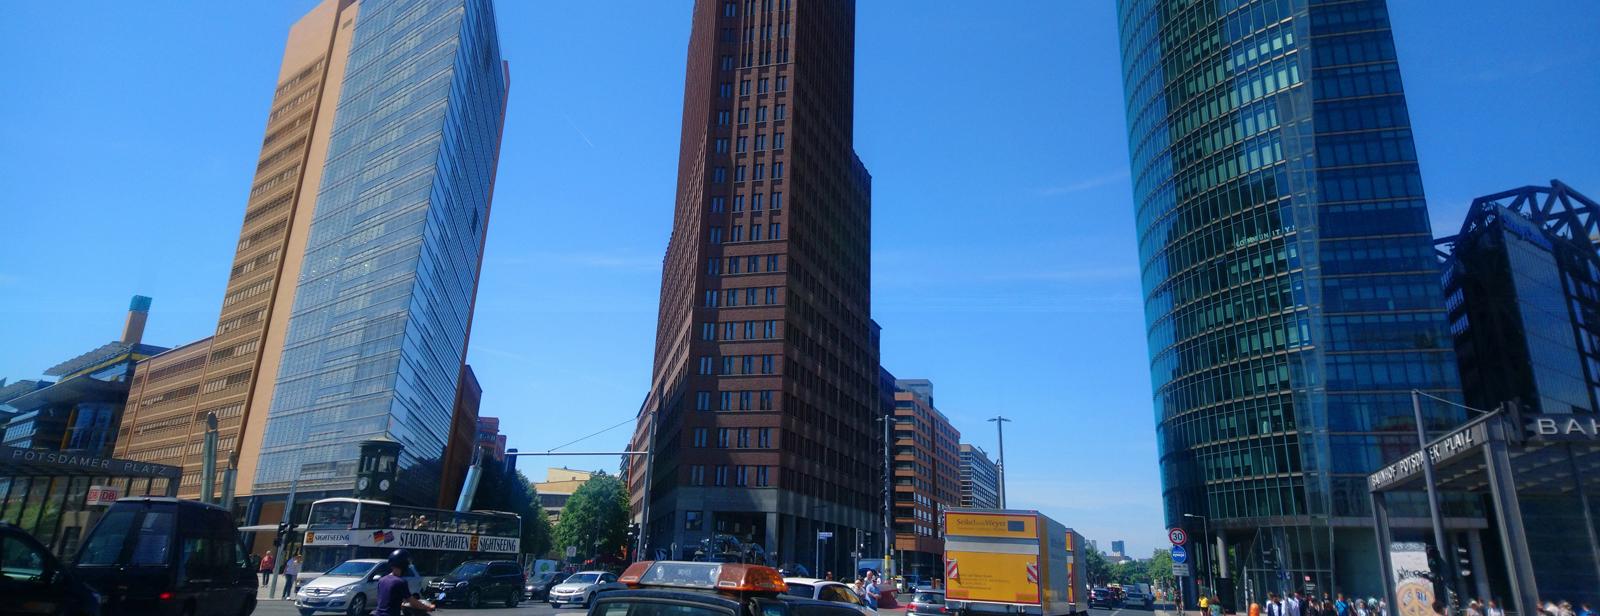 Berlin - Ein Tag voller Kontraste